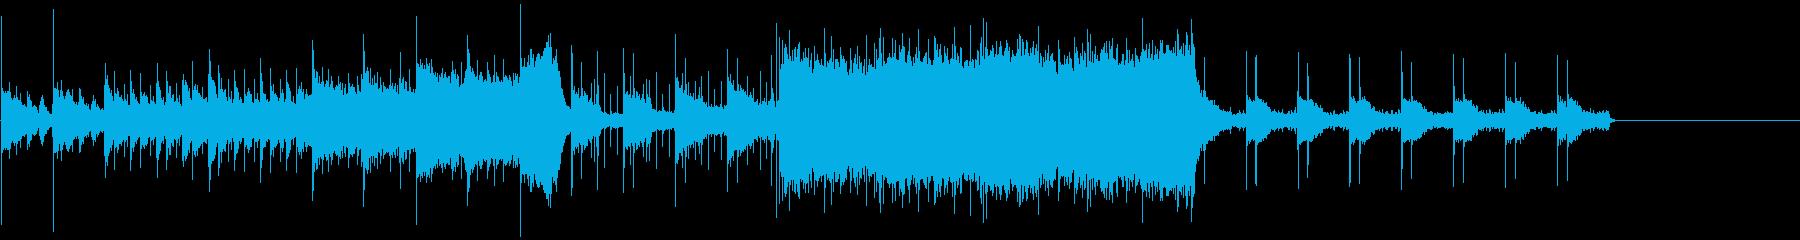 映画のトレイラーっぽい曲の再生済みの波形